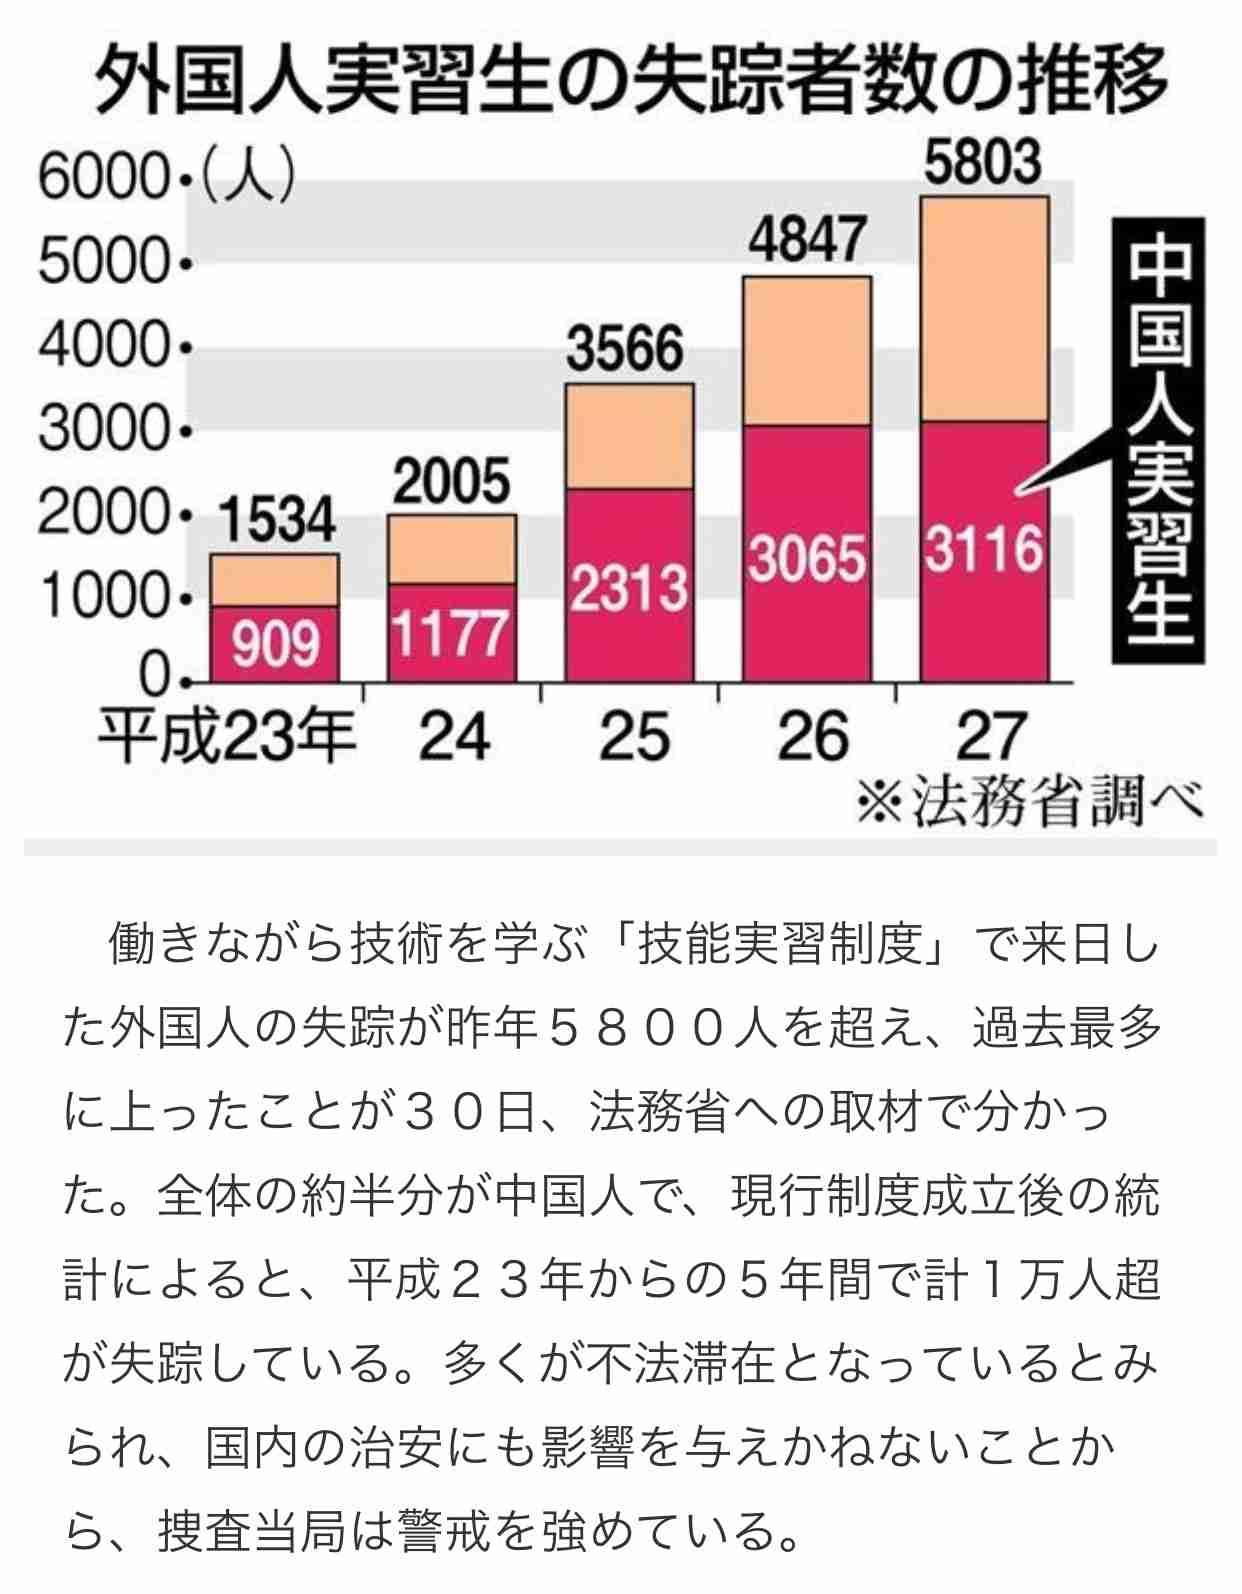 中国で大学生30人以上が謎の失踪 臓器売買ビジネスの被害者か